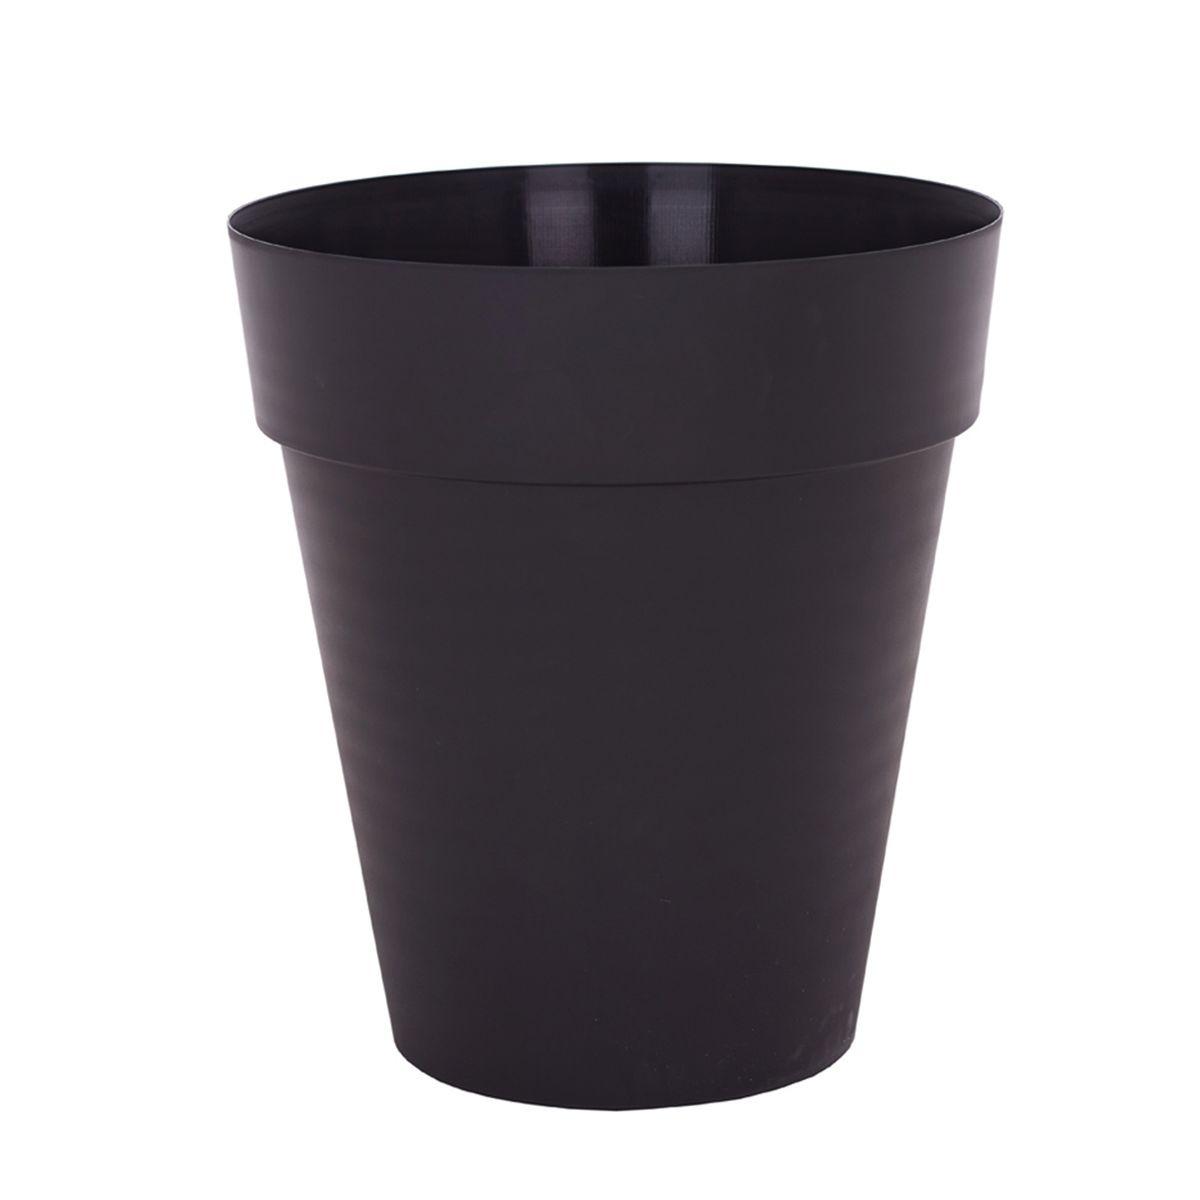 Vasi per piante da interno moderni cool per diventare for Vasi decorativi da interno